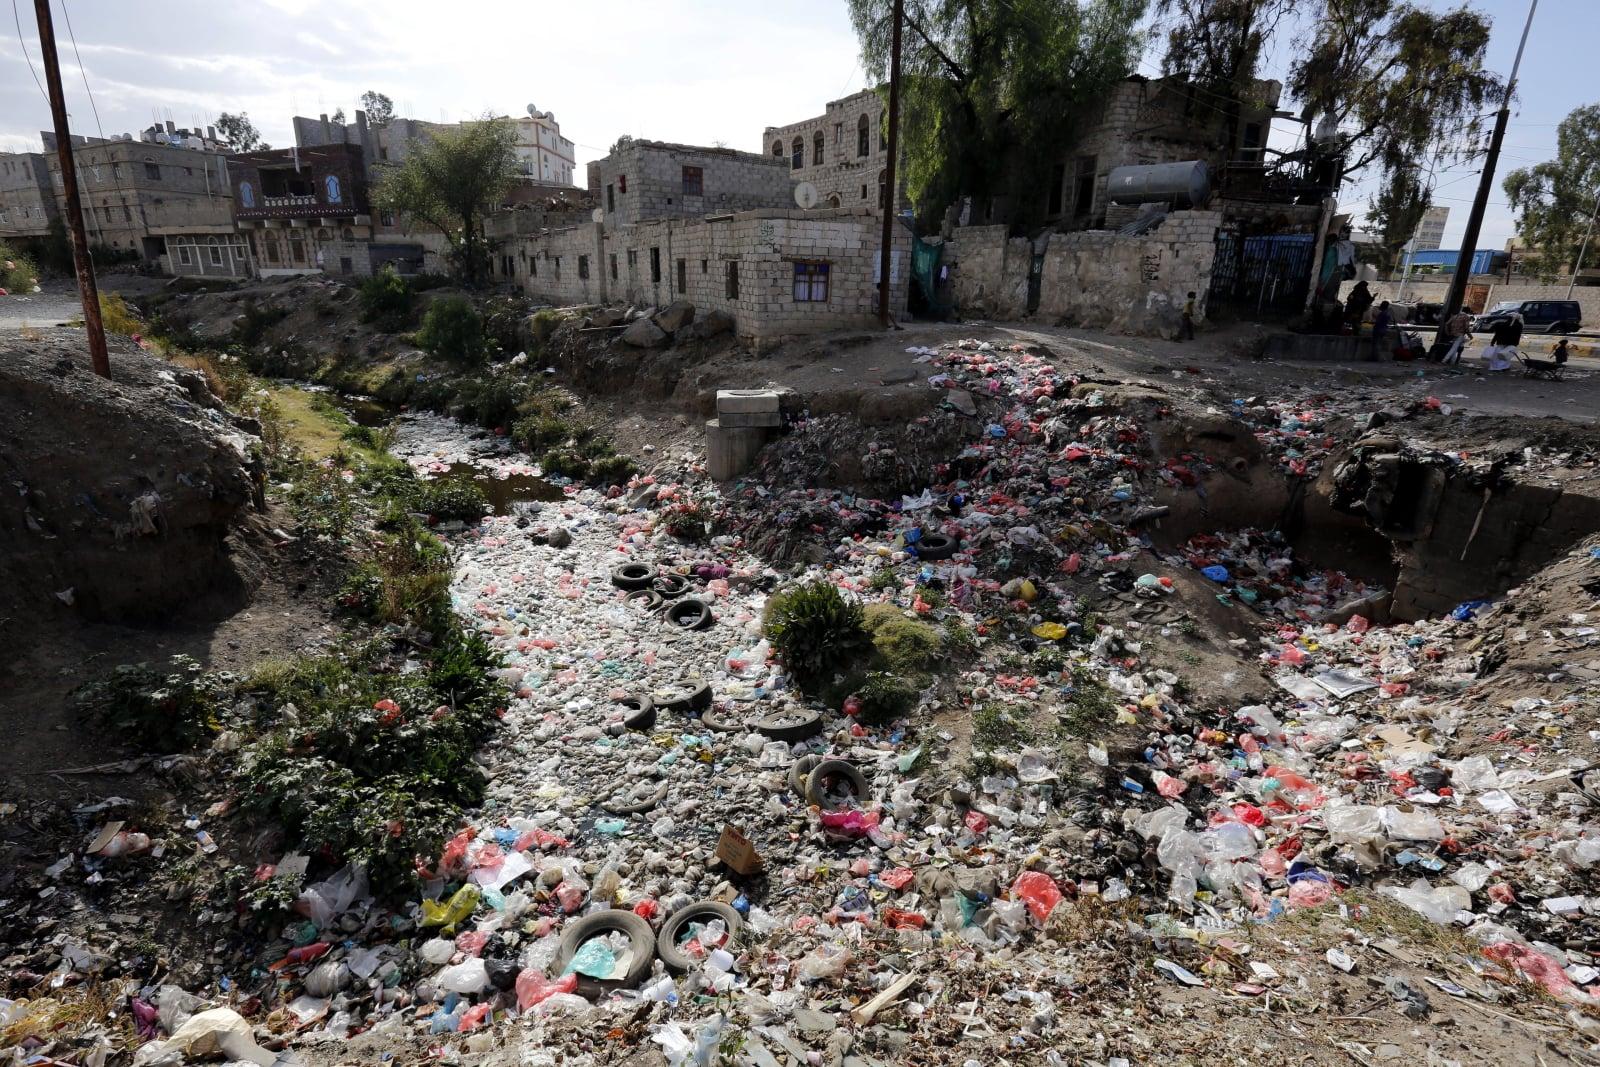 Bagna ściekowe i pokrywające je odpady, które tworzą środowisko wysokiego ryzyka dla cholery w Jemenie. Epidemia cholery w tamtejszych rejonach rozwija się w bardzo szybkim tempie, fot. EPA/YAHYA ARHAB